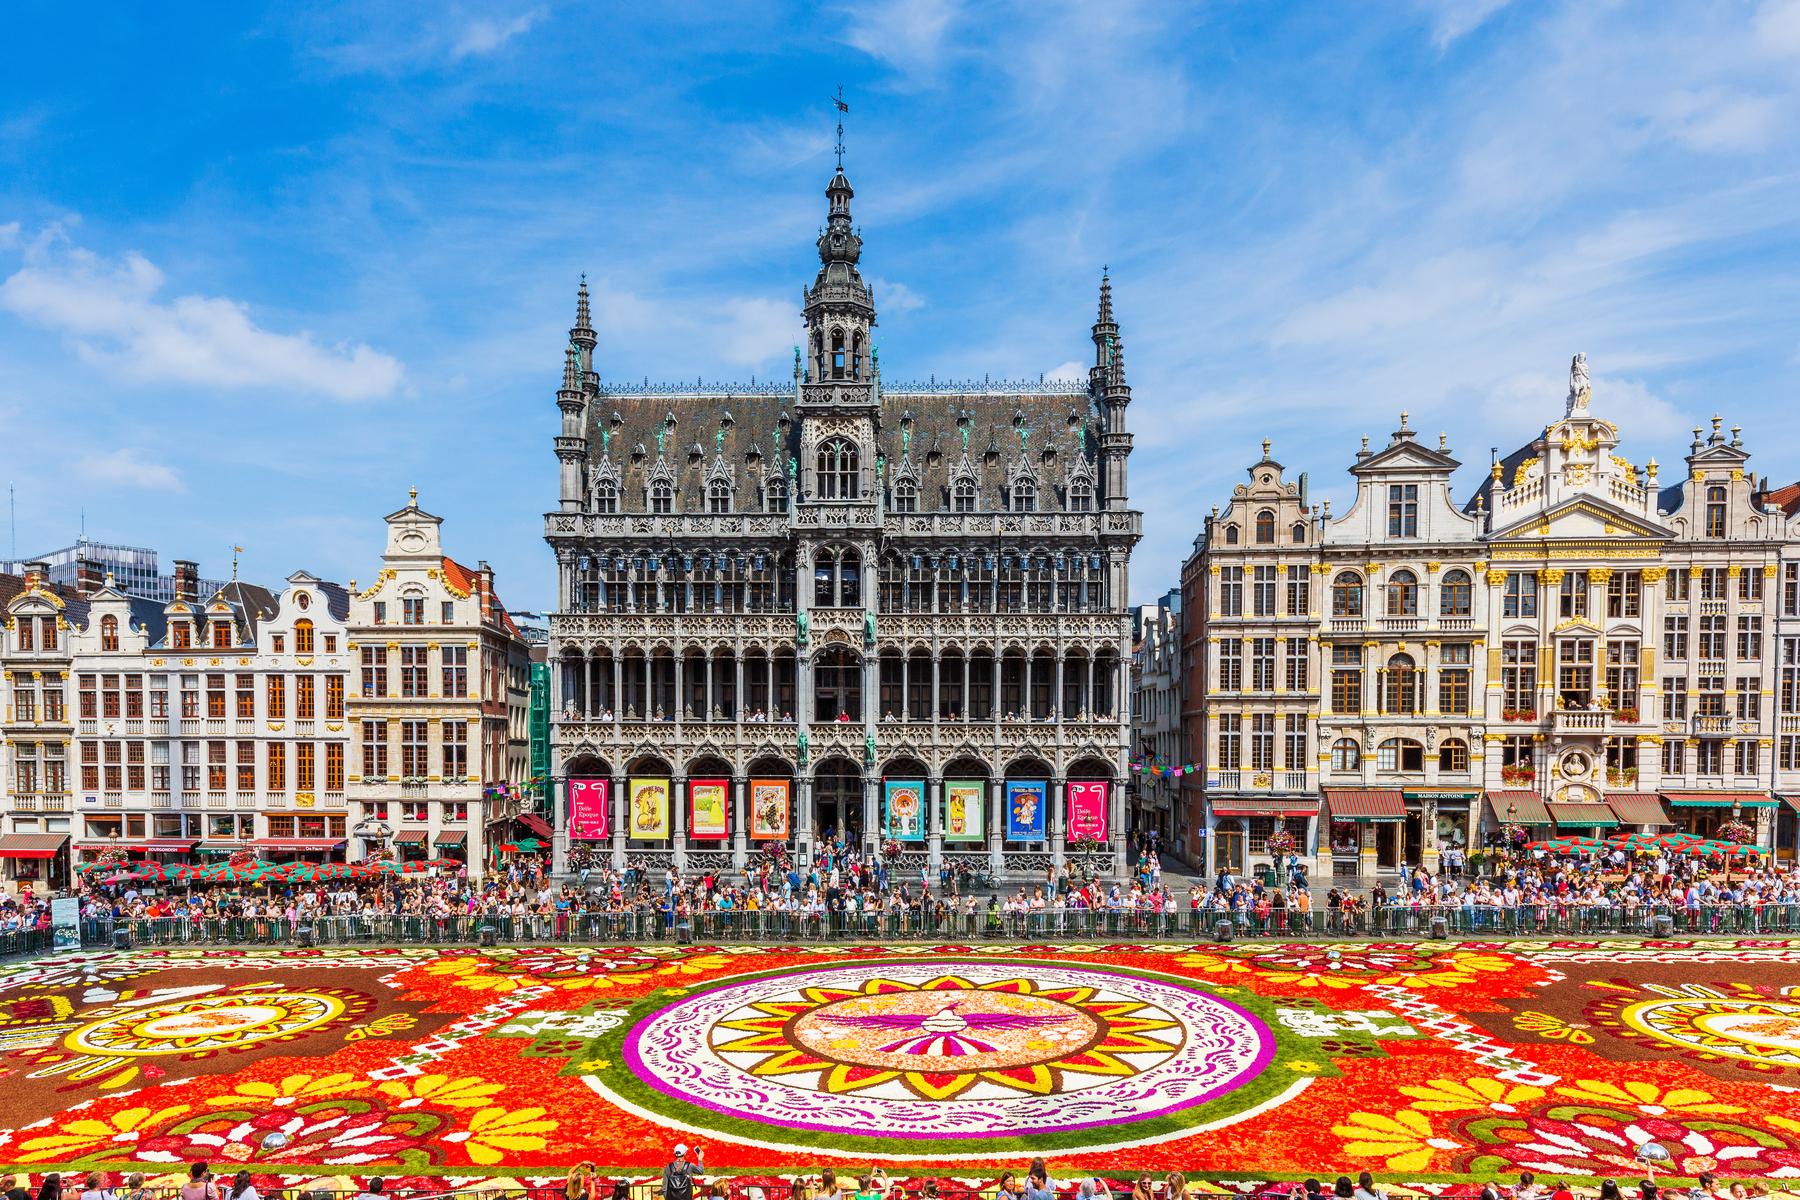 فرهنگ و رسوم مردم بلژیک